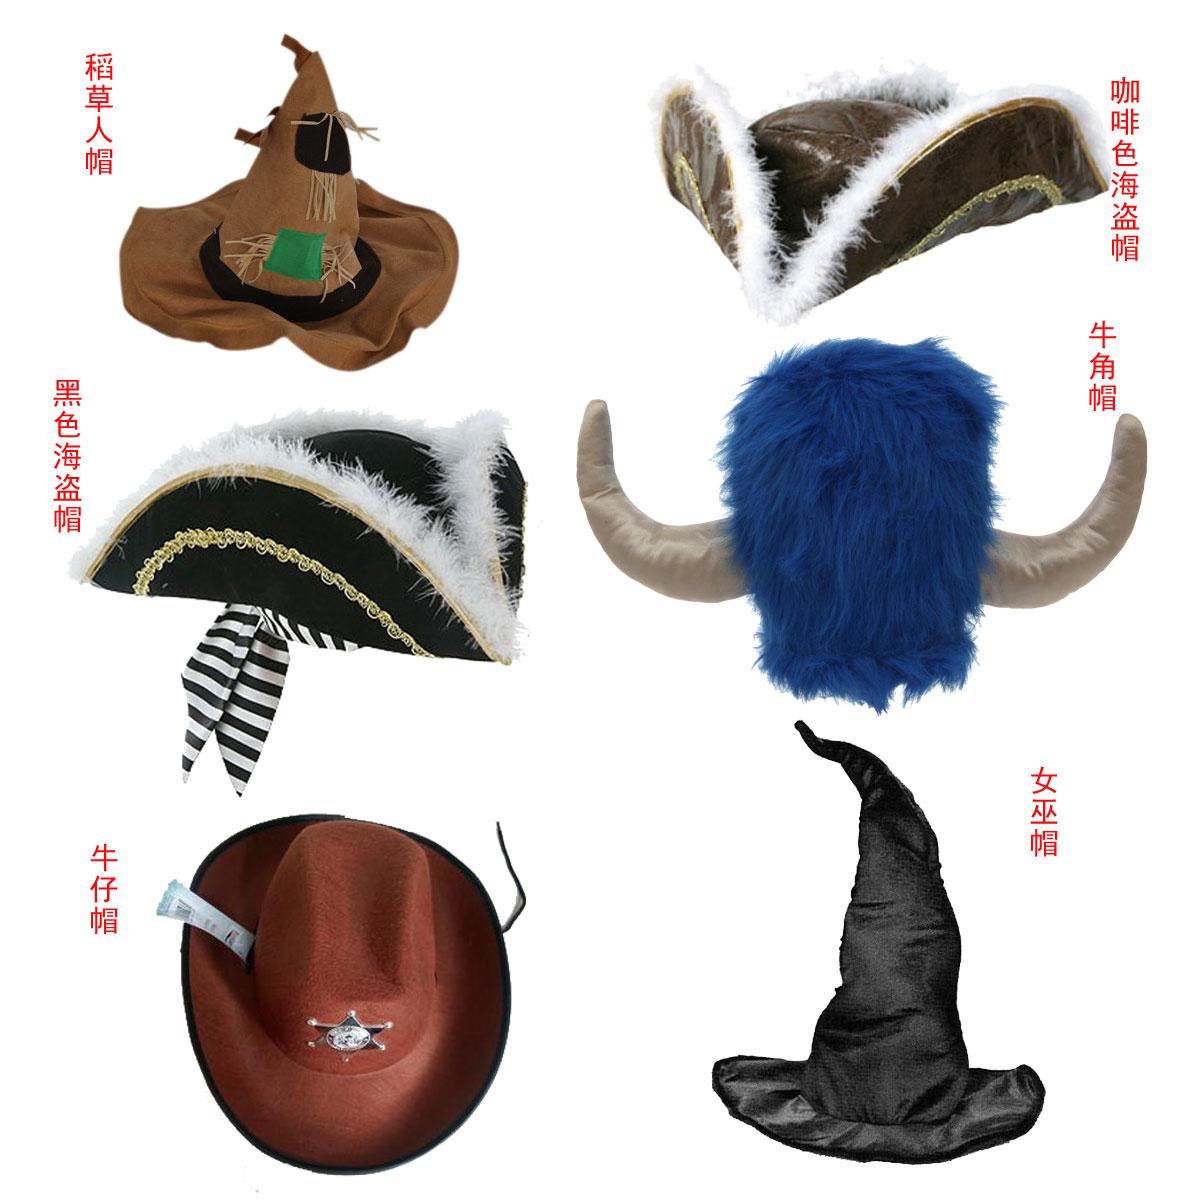 Монтаж солома человек коровий рог крышка черный цвет кофе шляпа пирата ковбой крышка ведьма крышка ведьма крышка